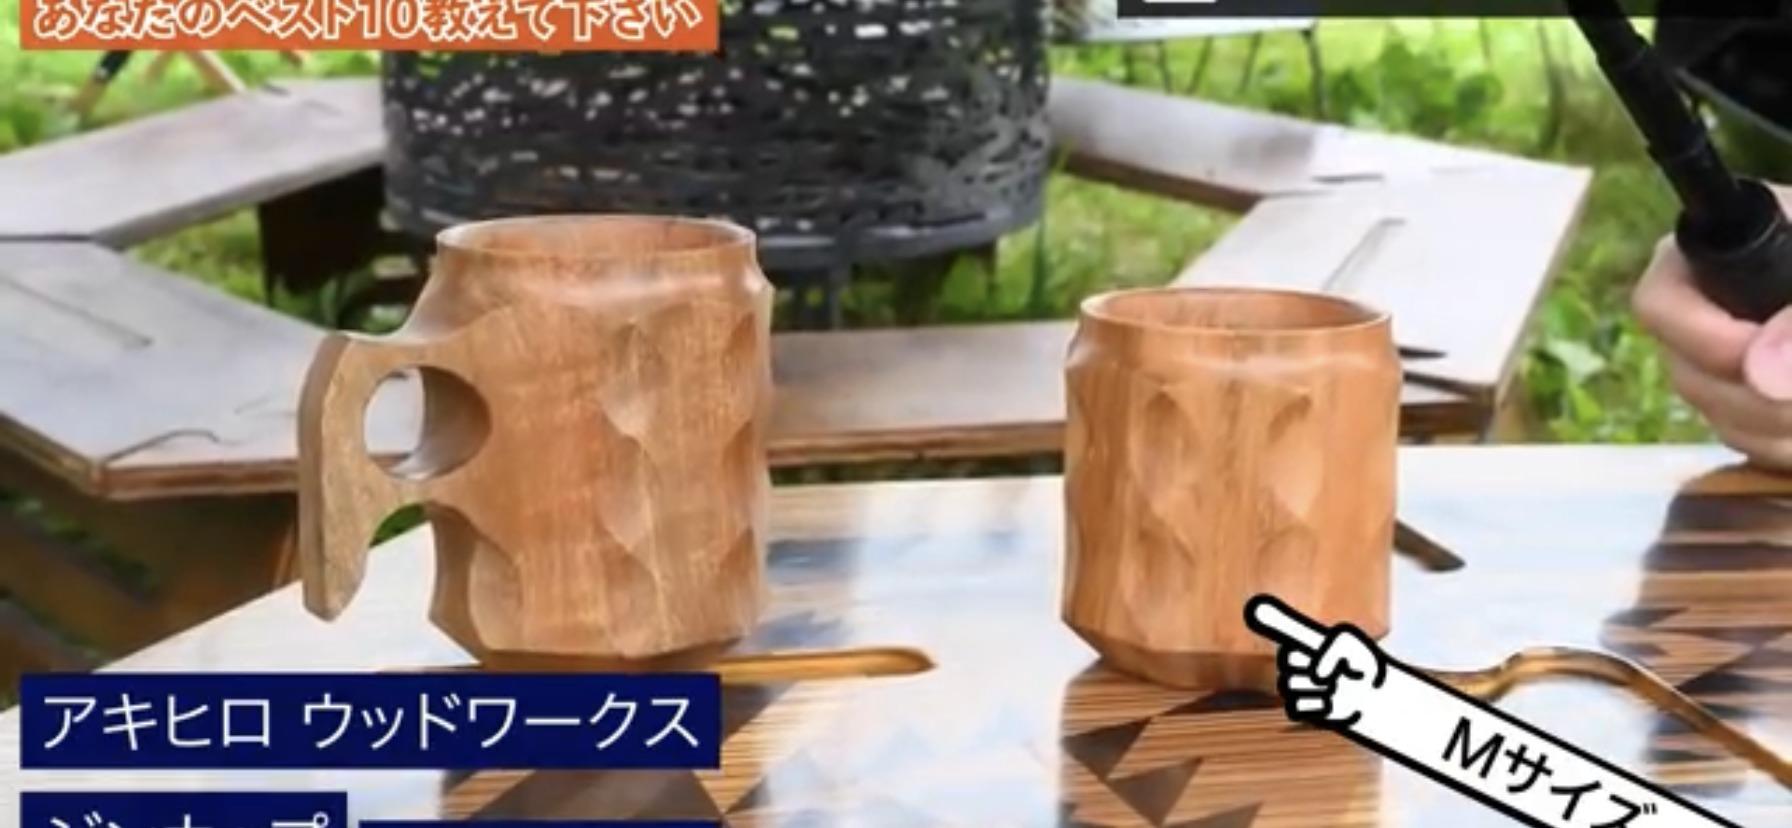 コーヒーセット【アキヒロウッドワークス】ジンカップ、